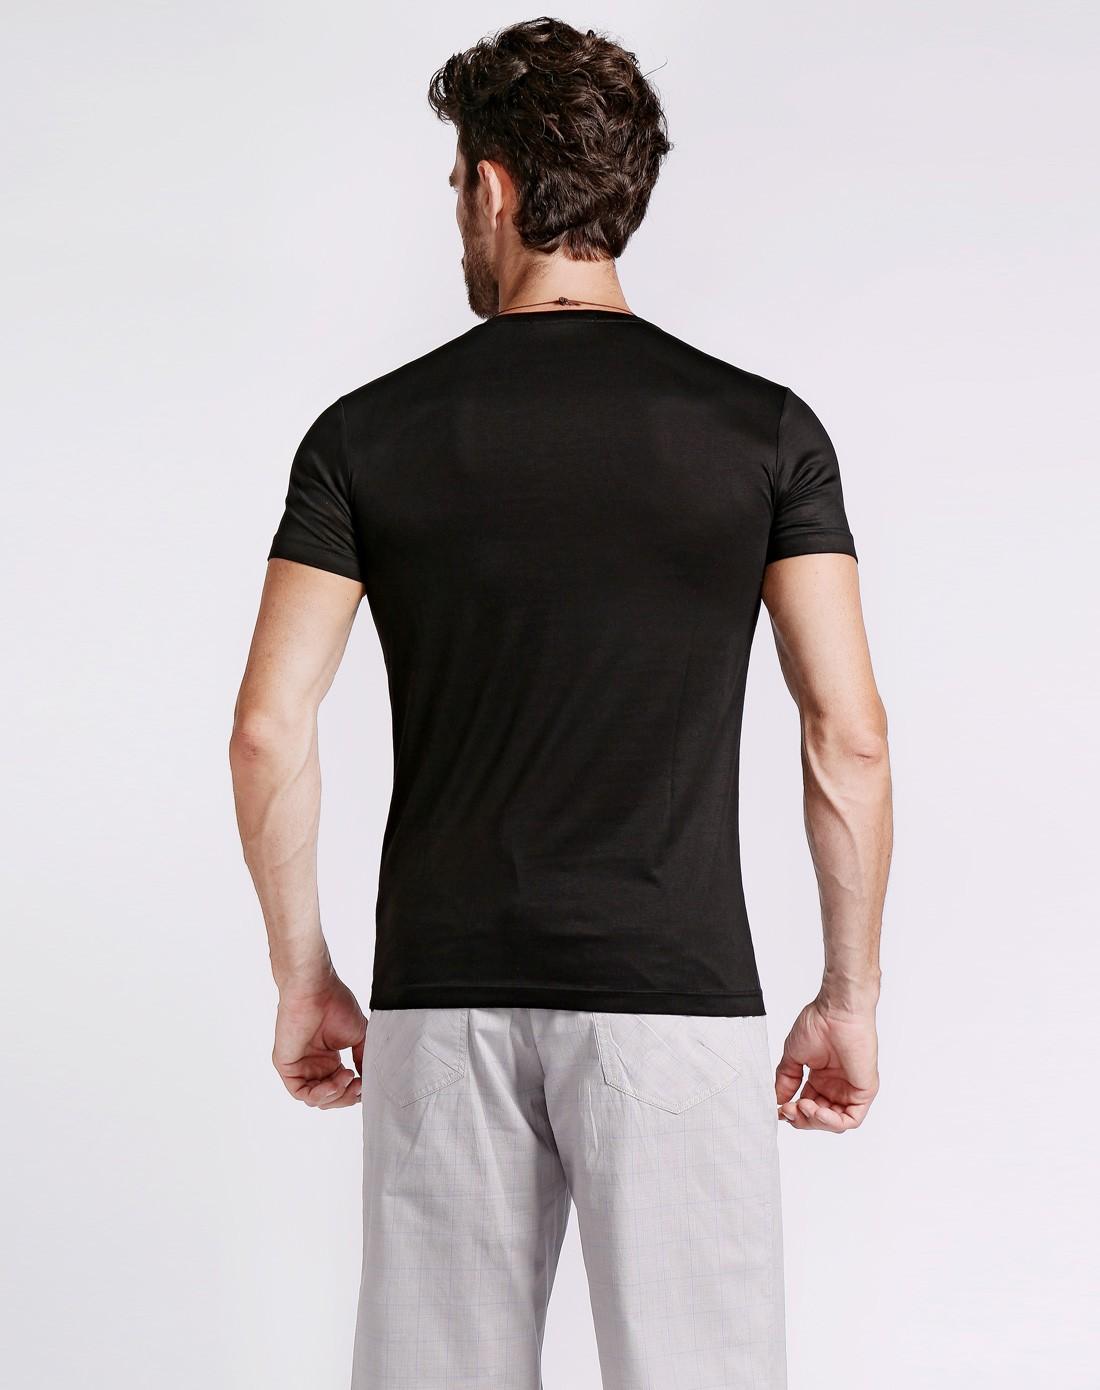 街头人物印花黑色短袖t恤